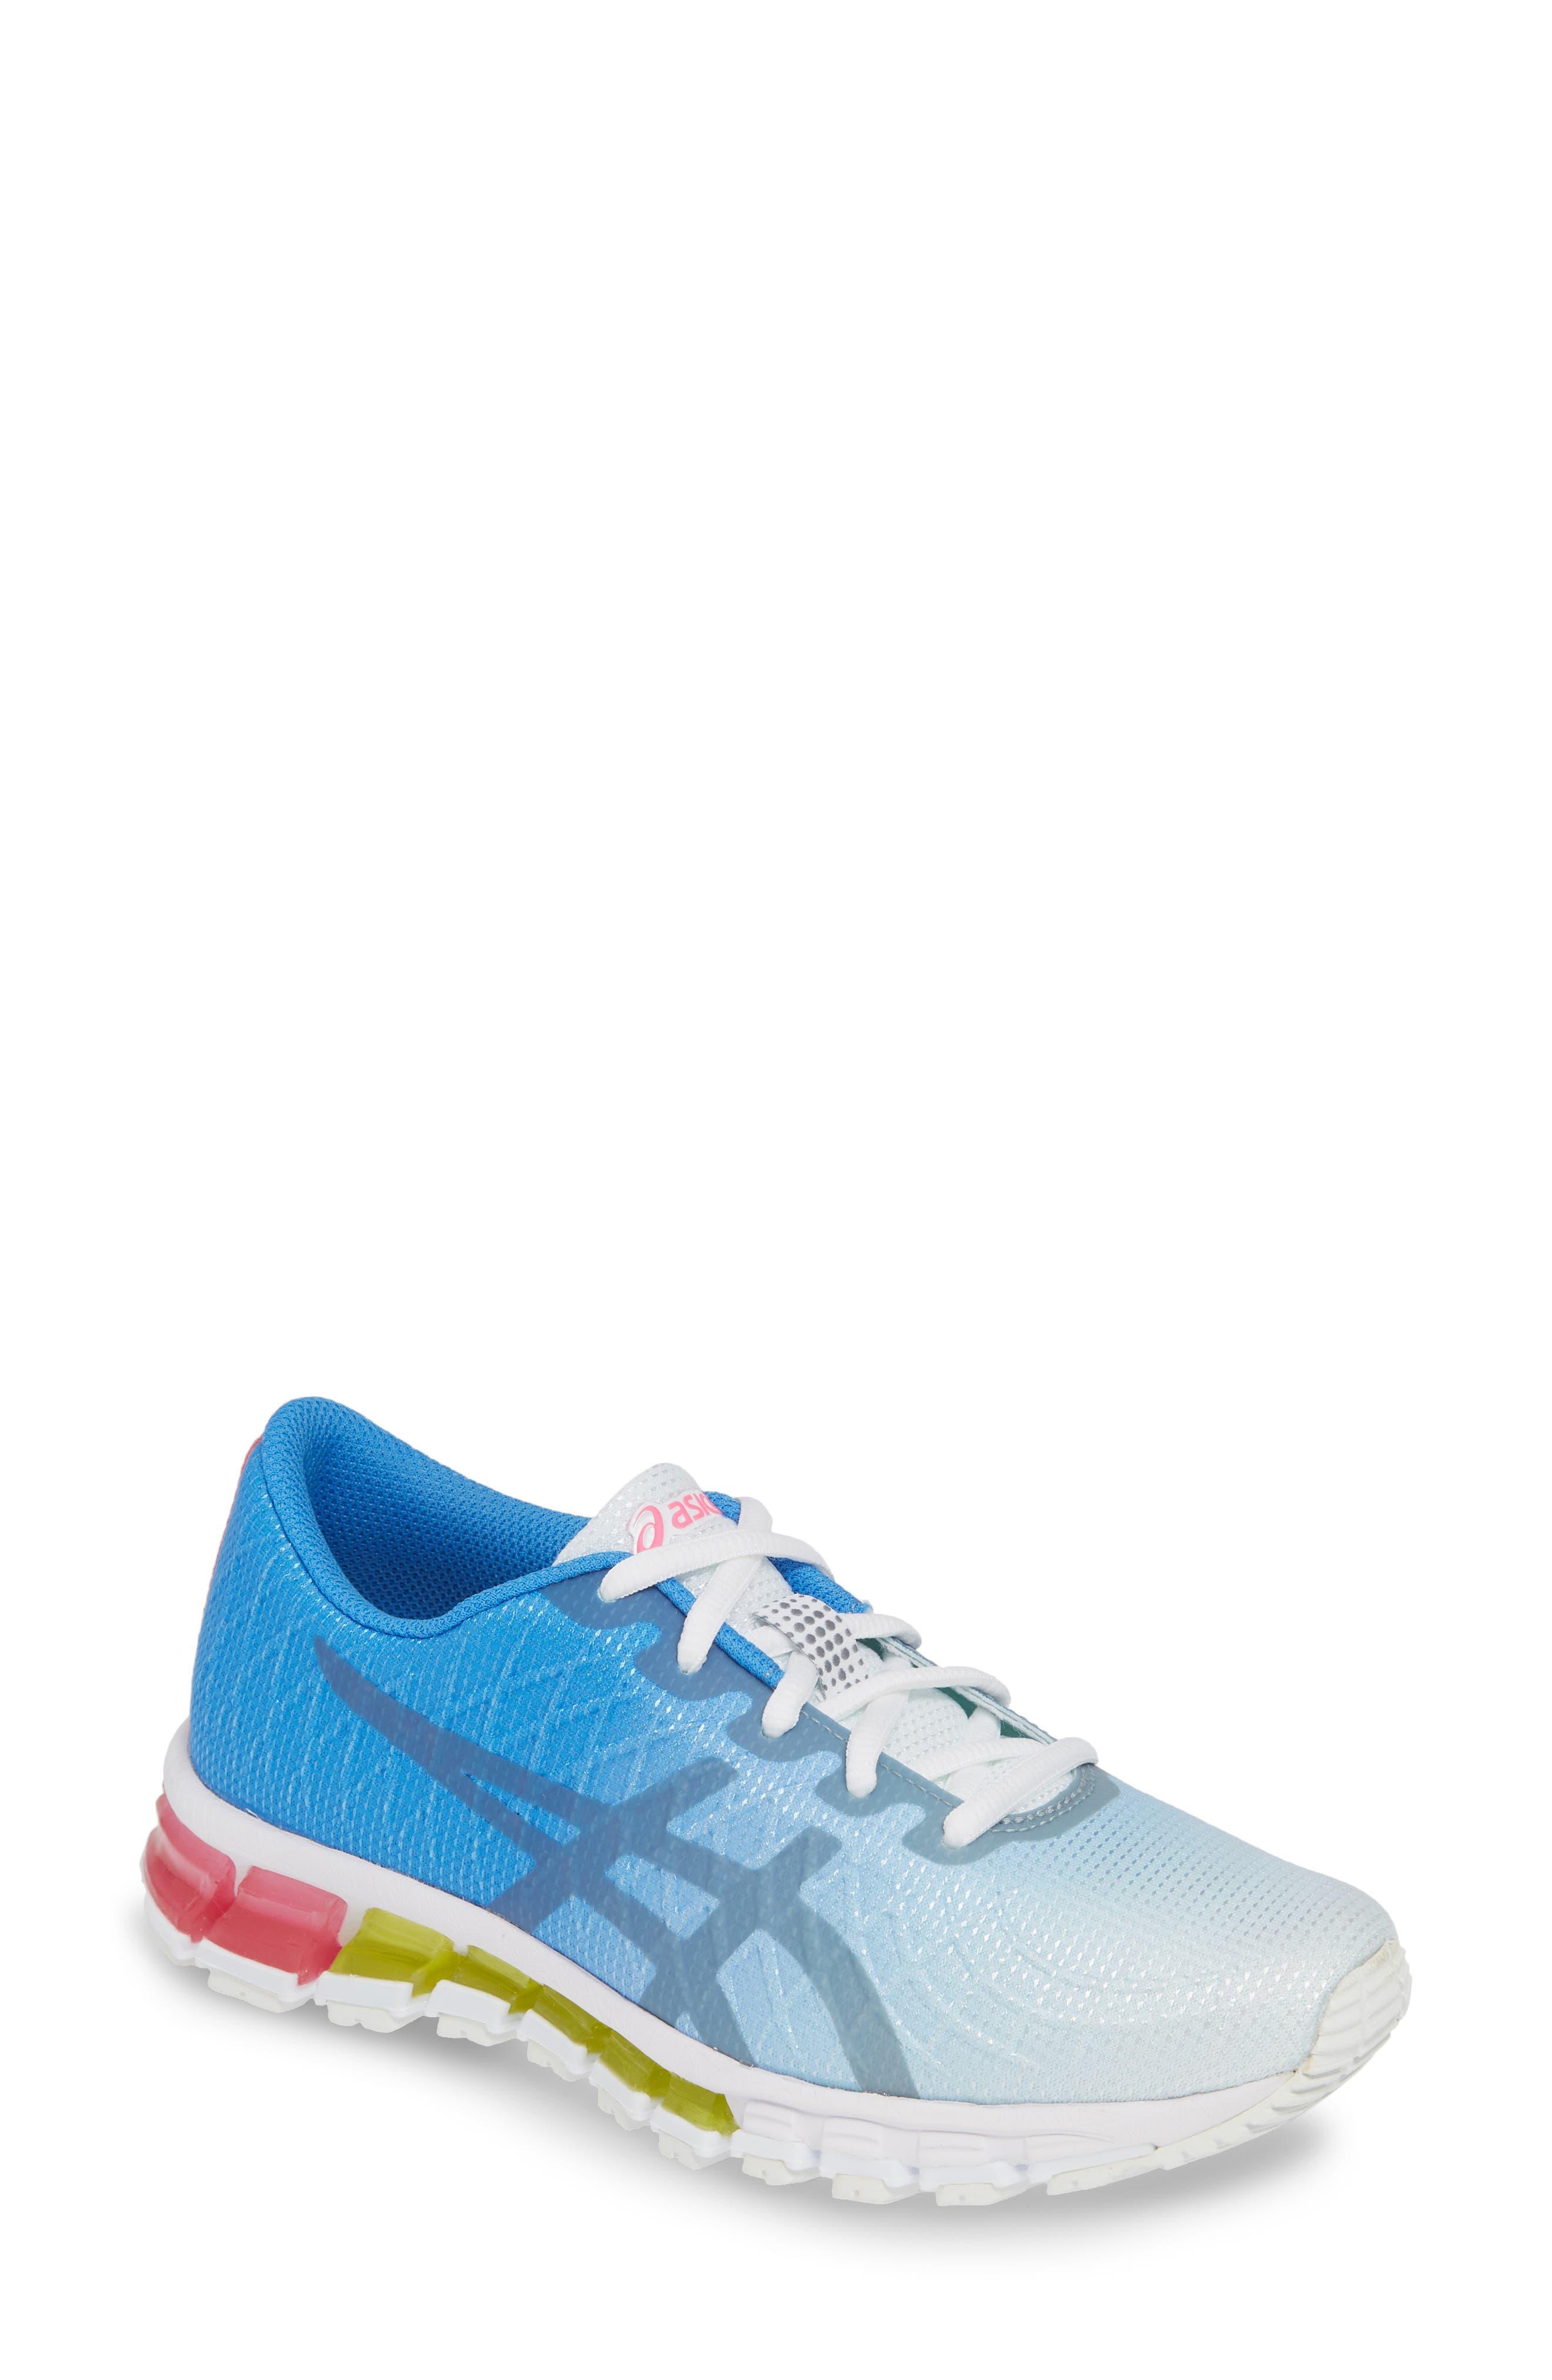 Asics Gel-Quantum 180 4 Running Shoe